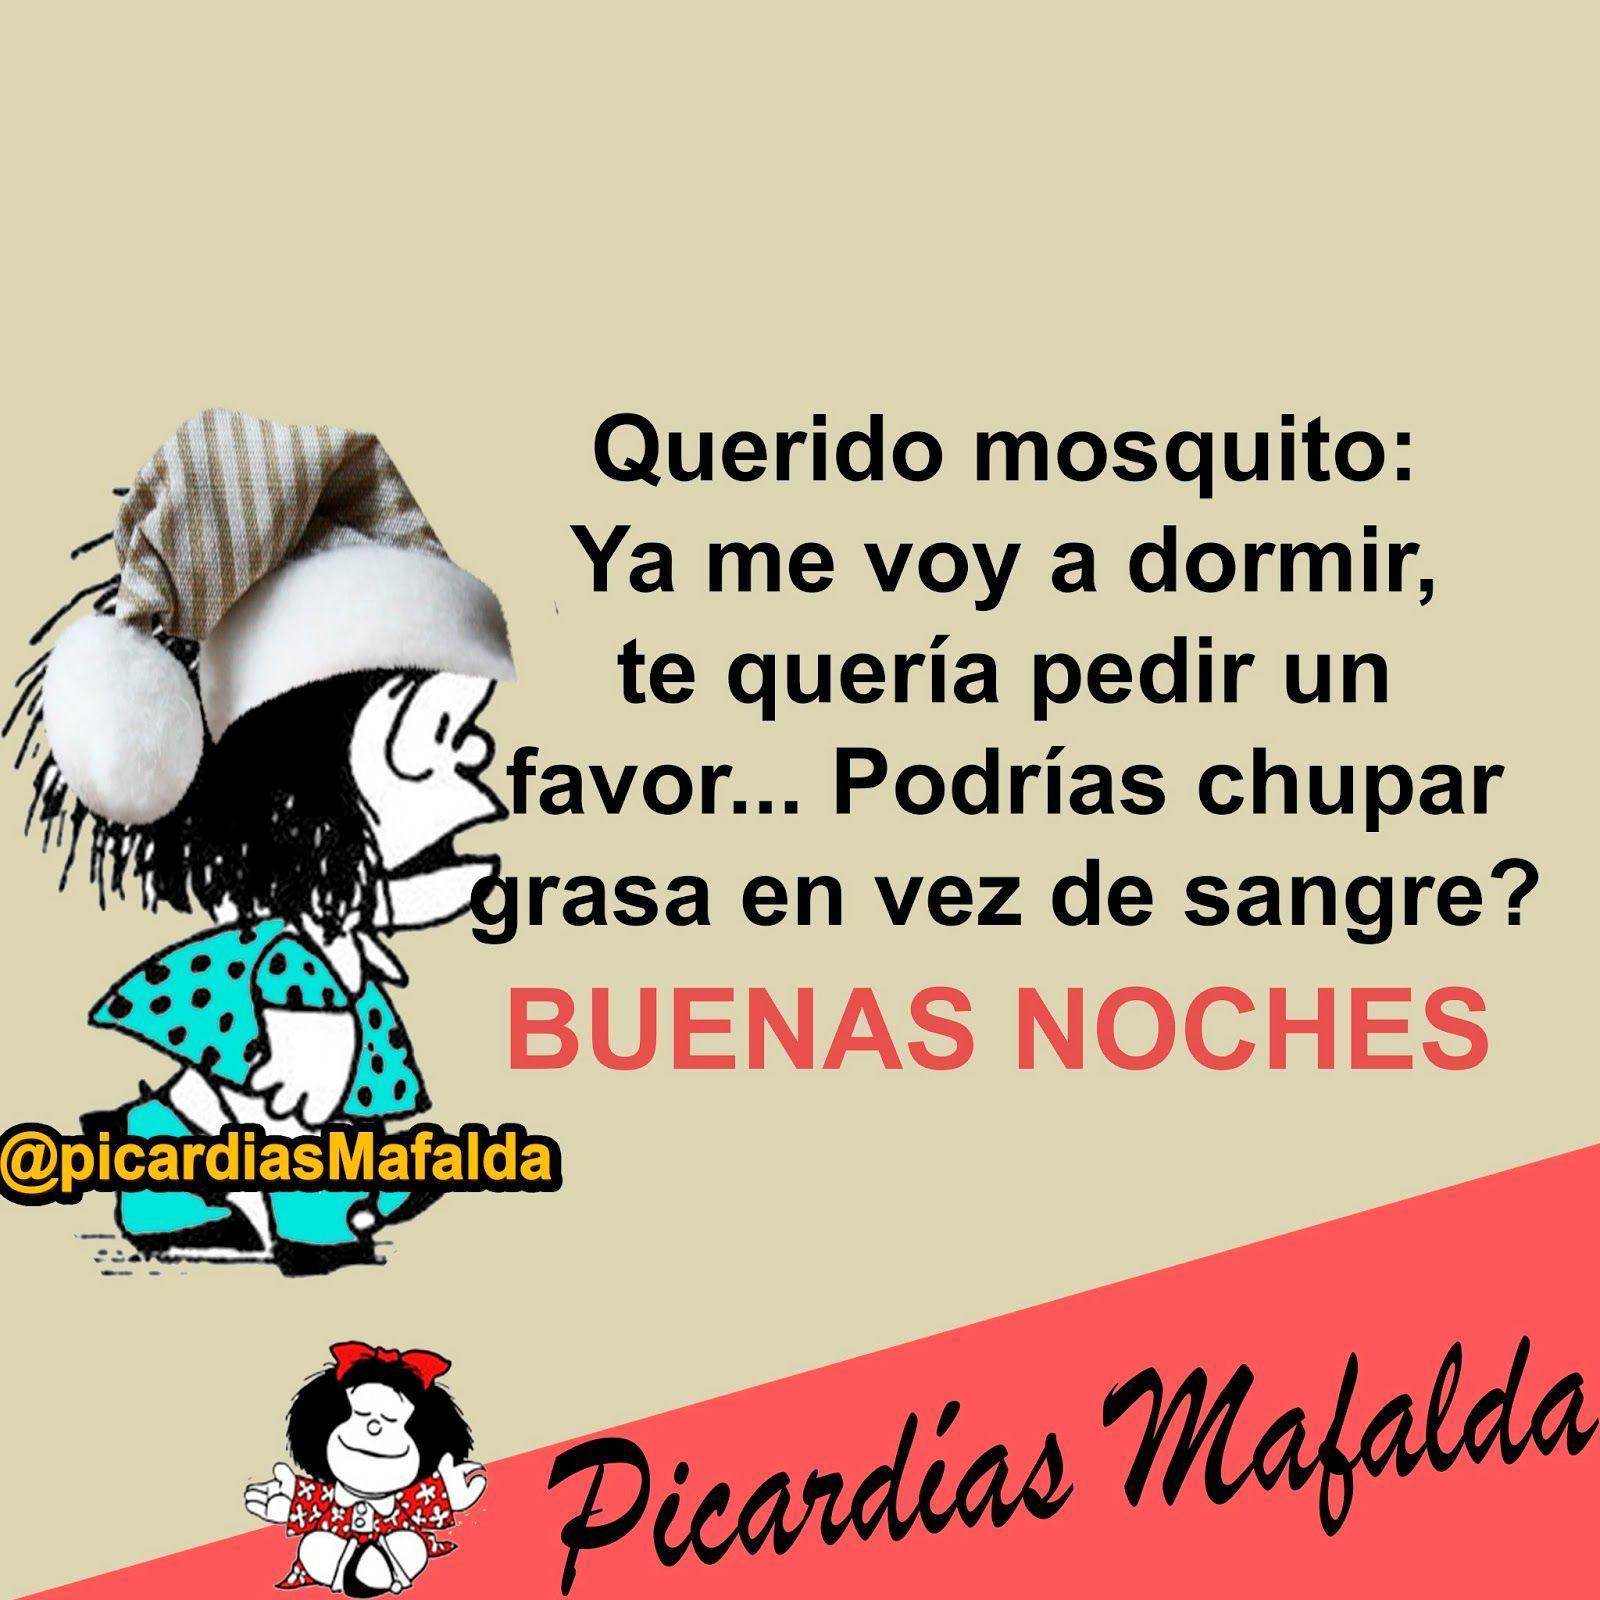 Blog De Imagenes Con Frases Mafalda Buenas Noches